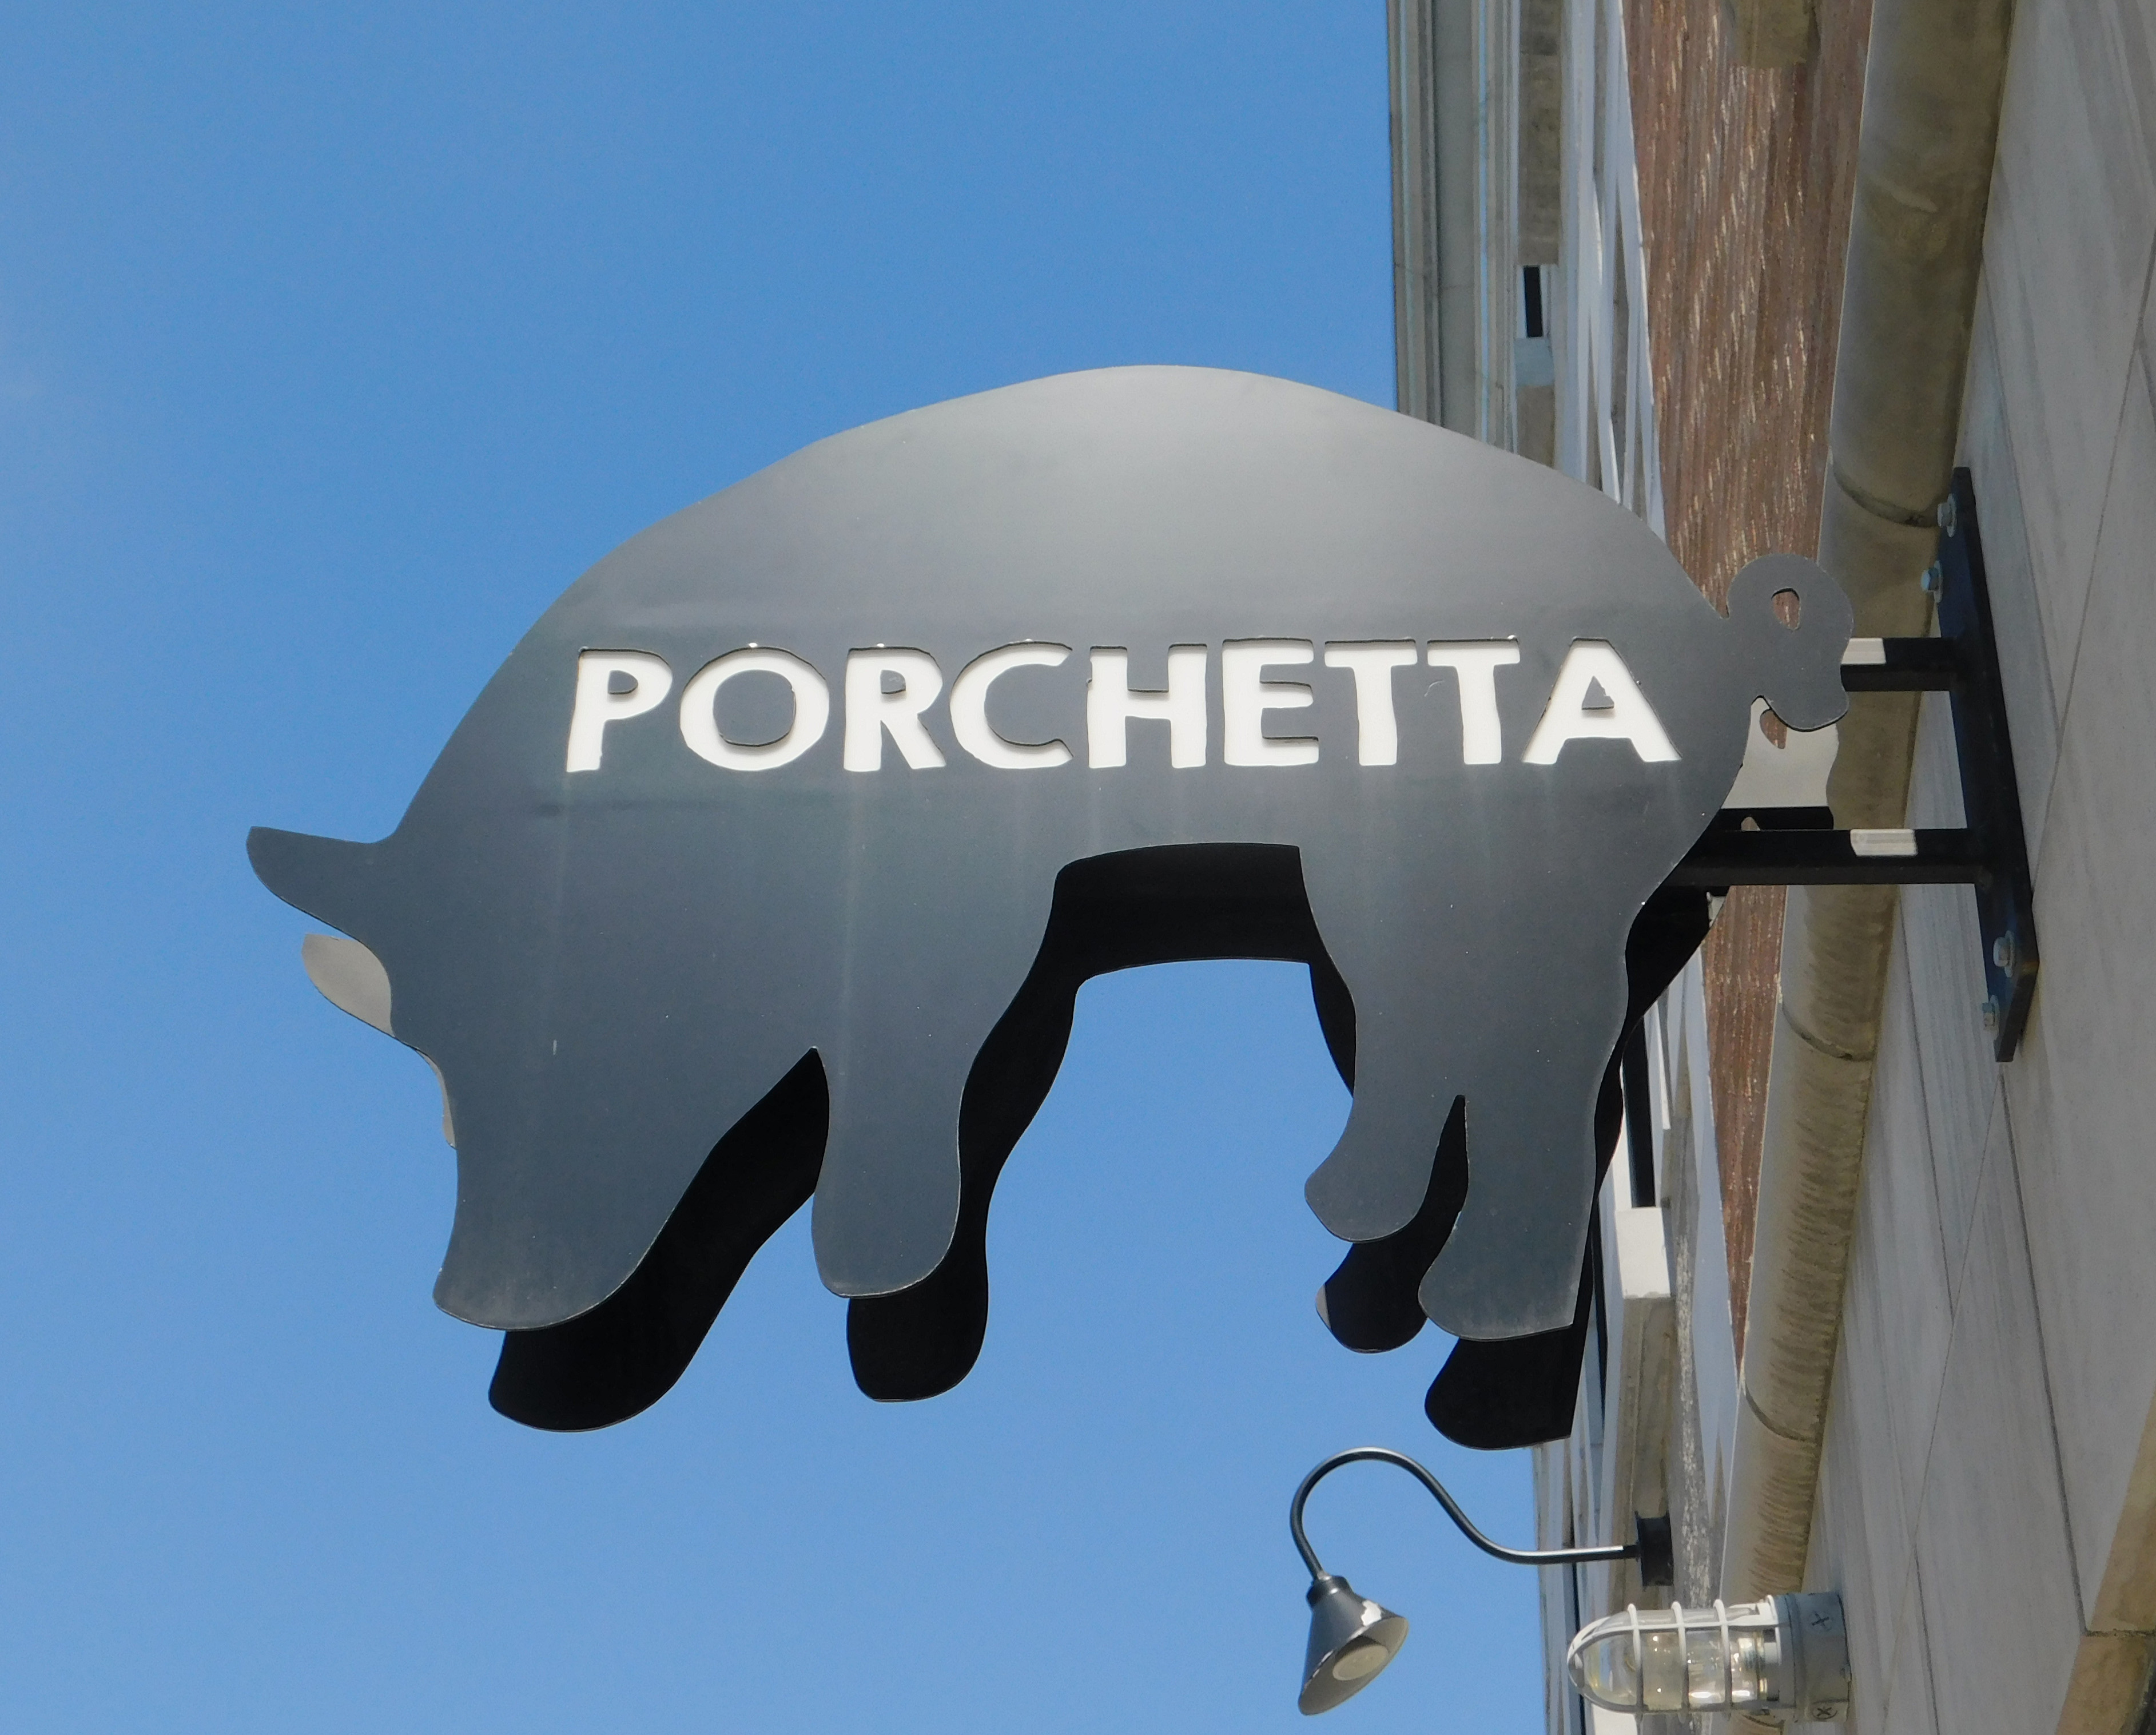 Porchetta